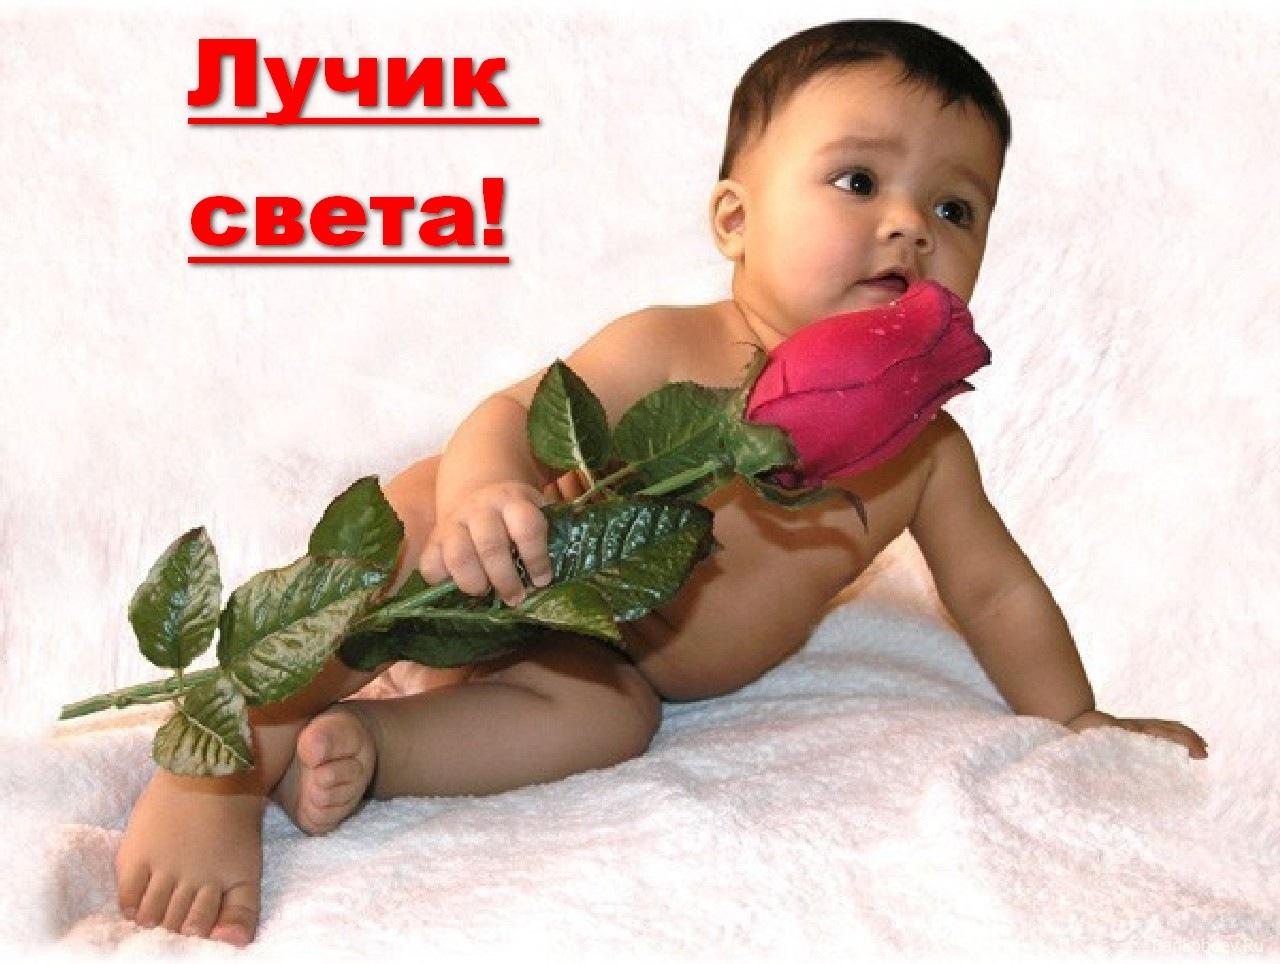 Открытка для девушки - Ты само совершенство! - Открытки